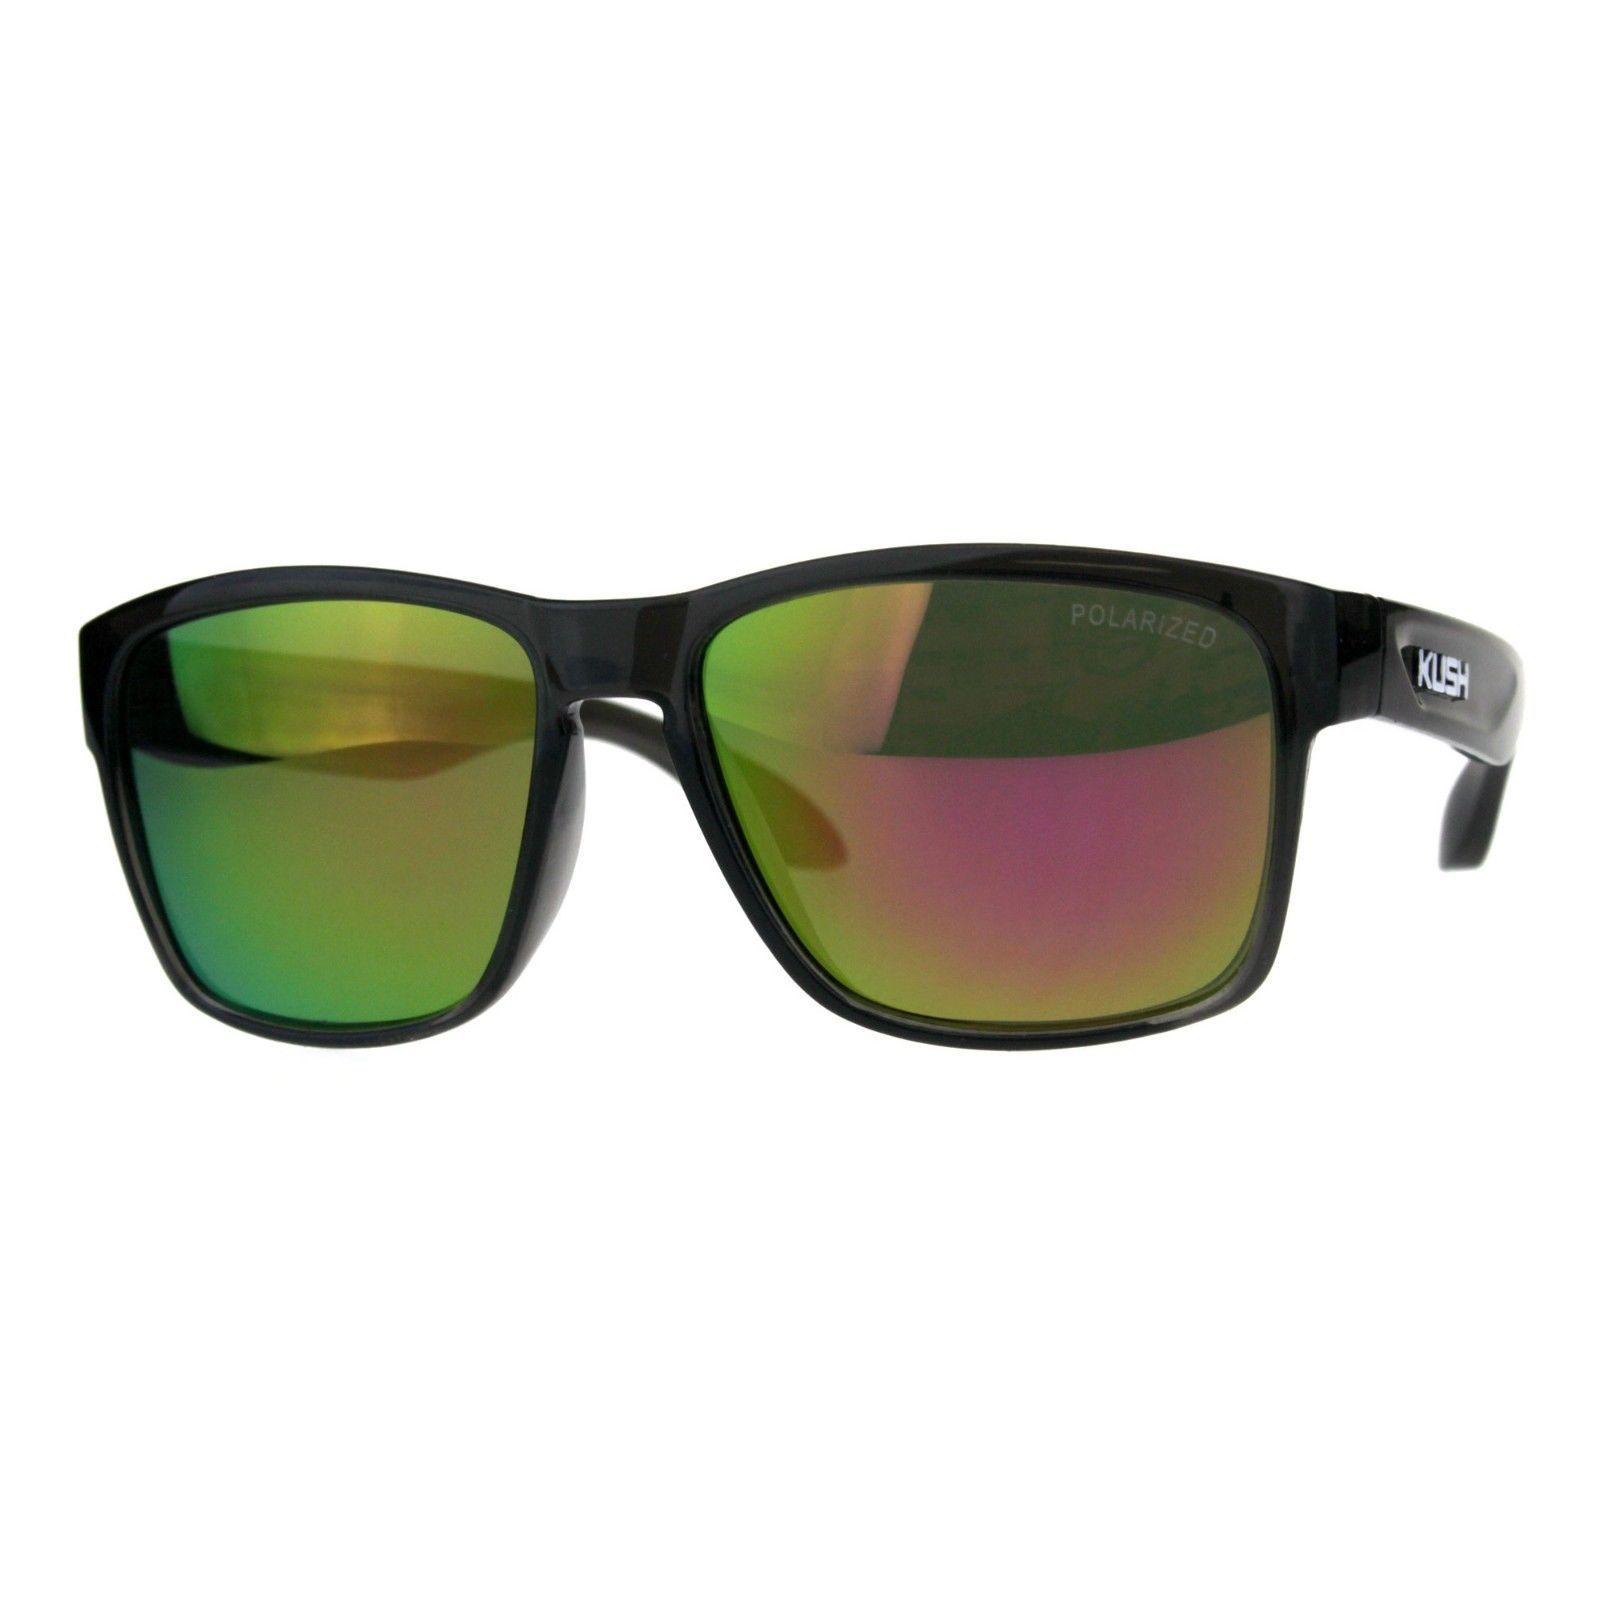 Polarized Lens Kush Sunglasses Gray Rectangular Plastic Frame Mirrored Lens